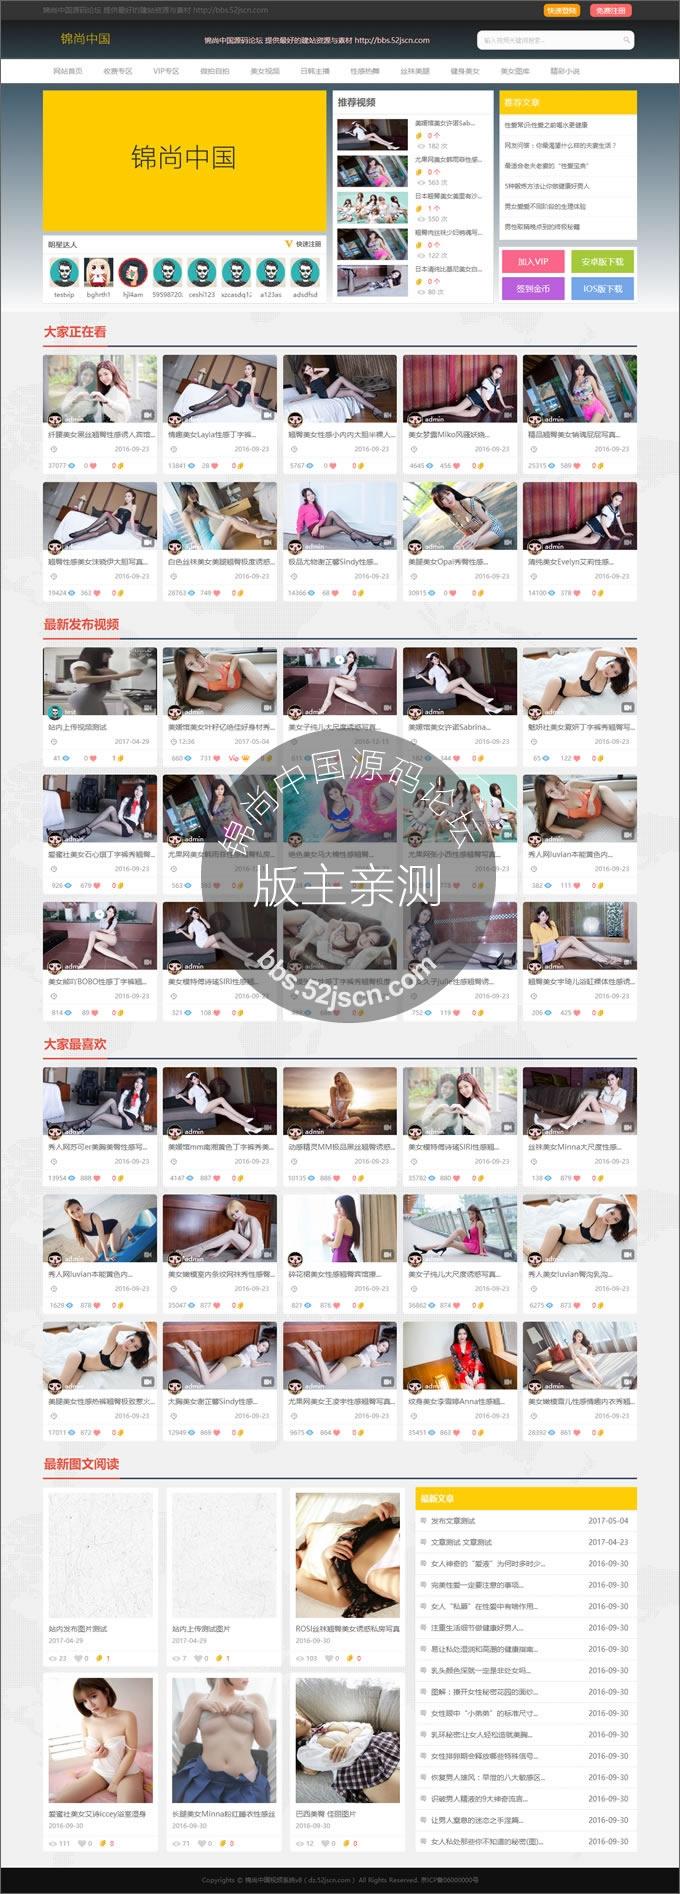 美色CMS(魅思)在线视频网站商业版V8影视VIP系统,可设试看时间,带分销推广,修复诸多